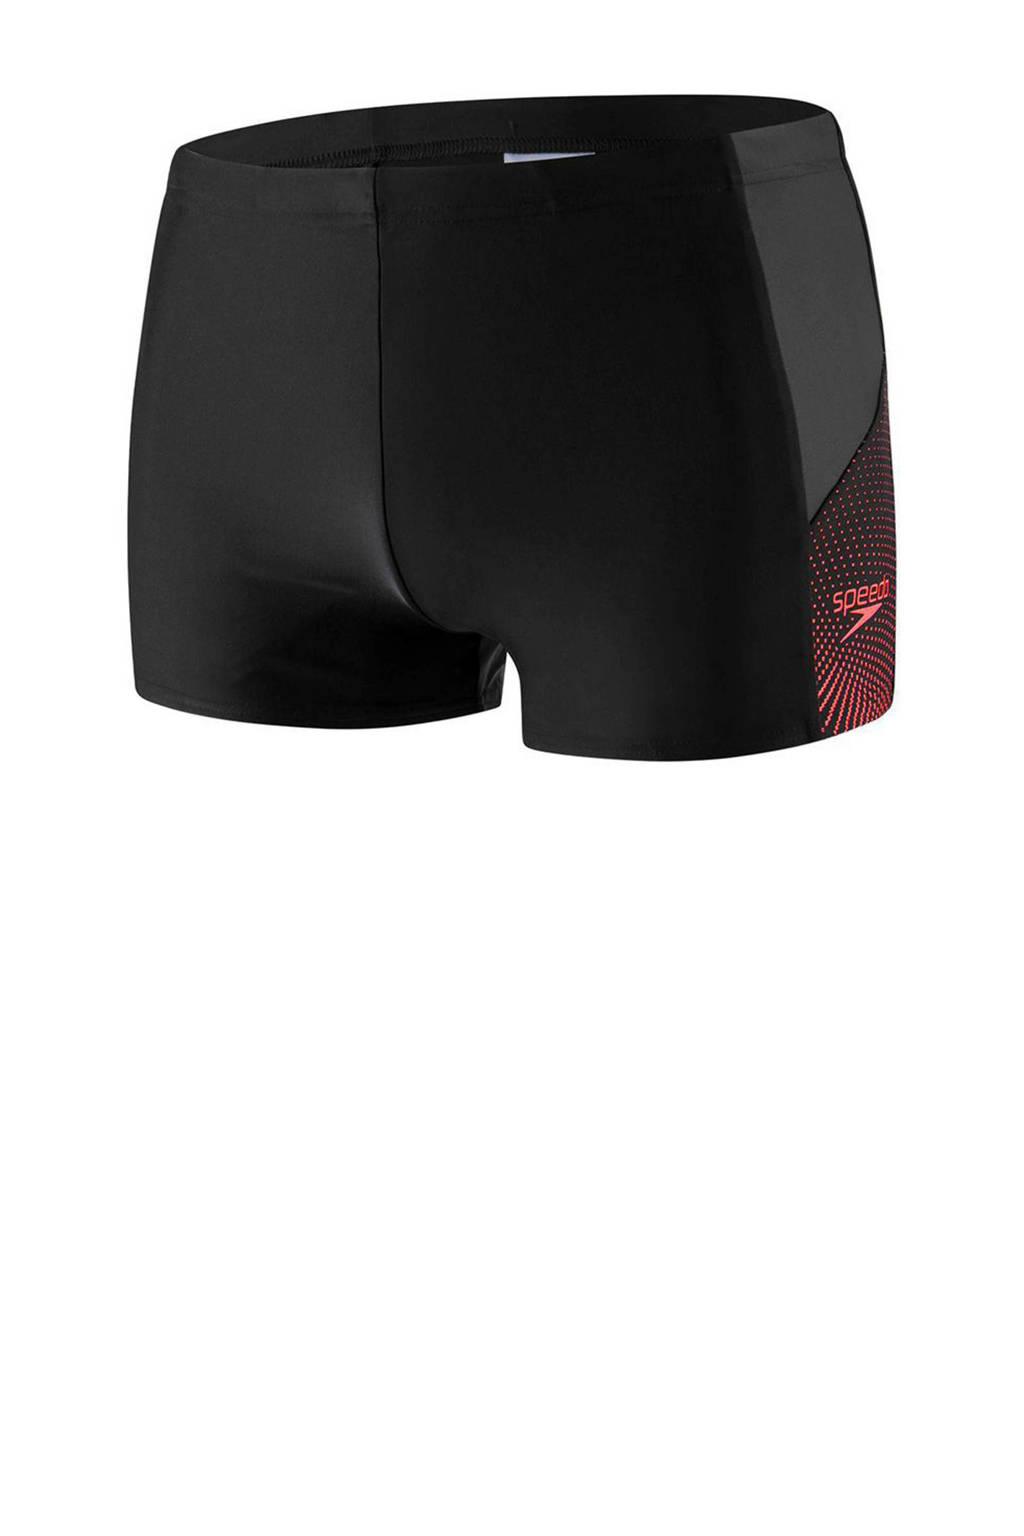 Speedo Endurance 10 zwemboxer Dive zwart/grijs, Zwart/grijs